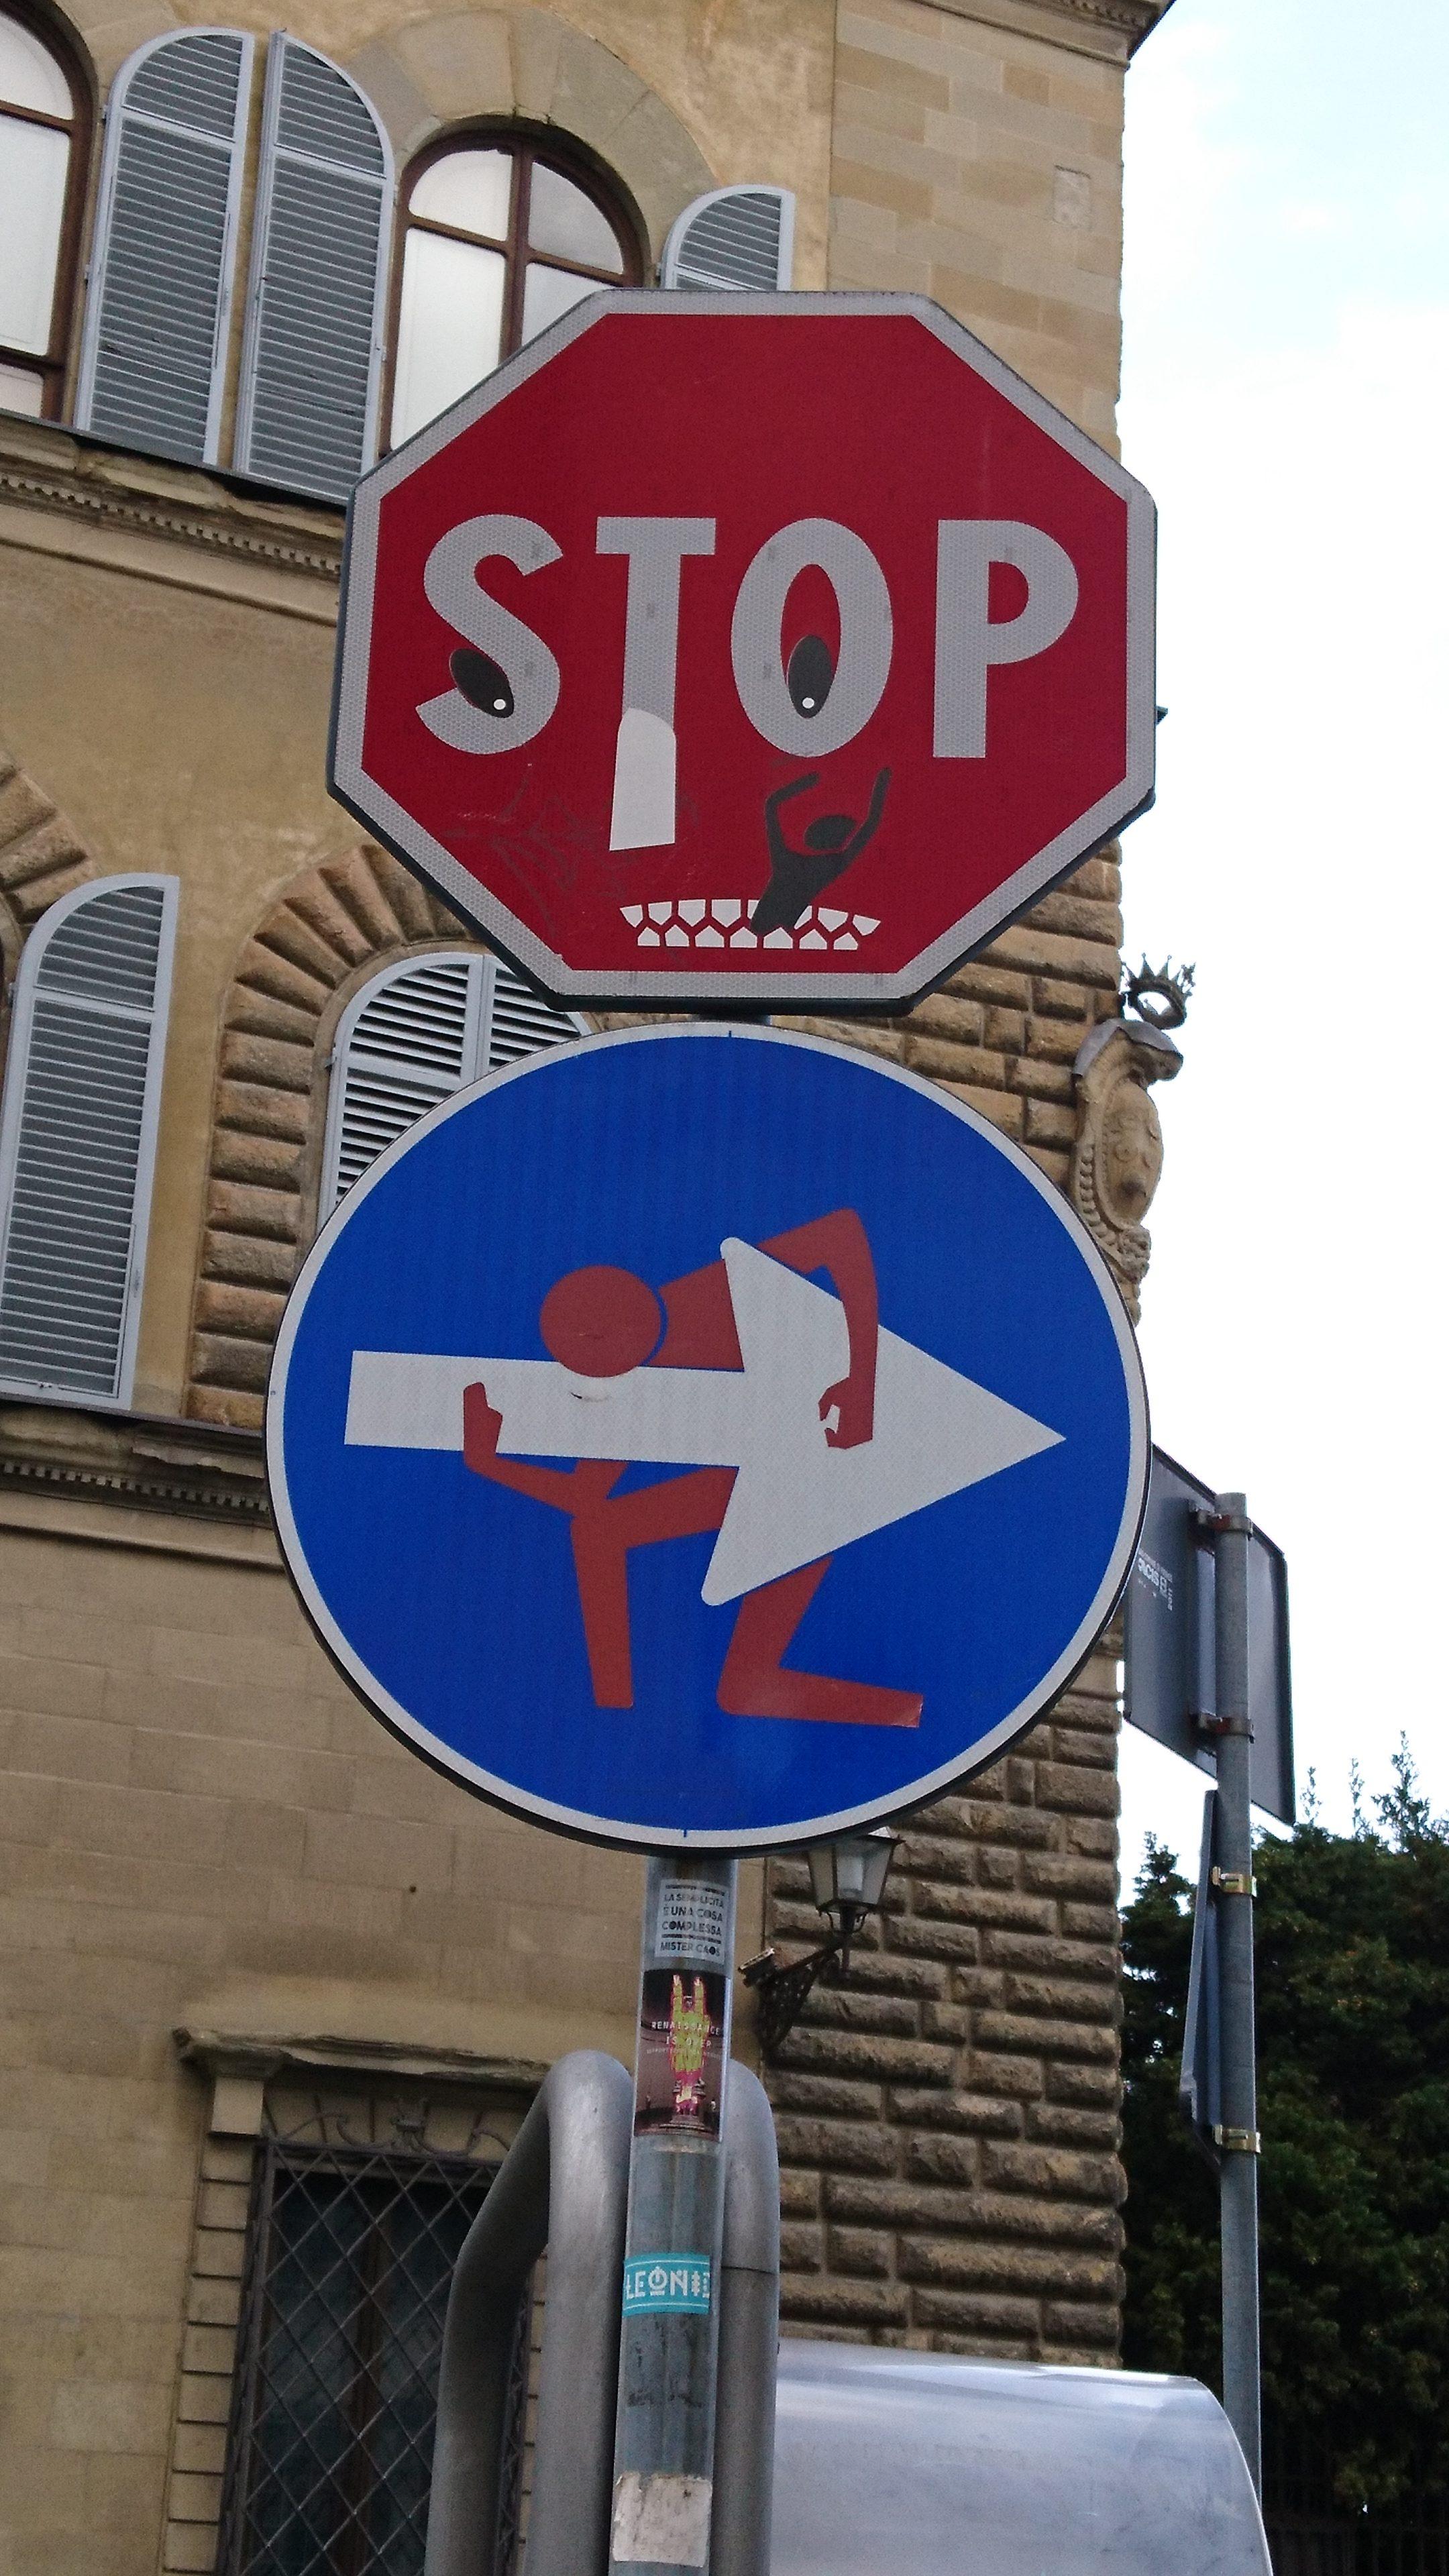 Nicht nur STOP-Schilder werden umgestaltet